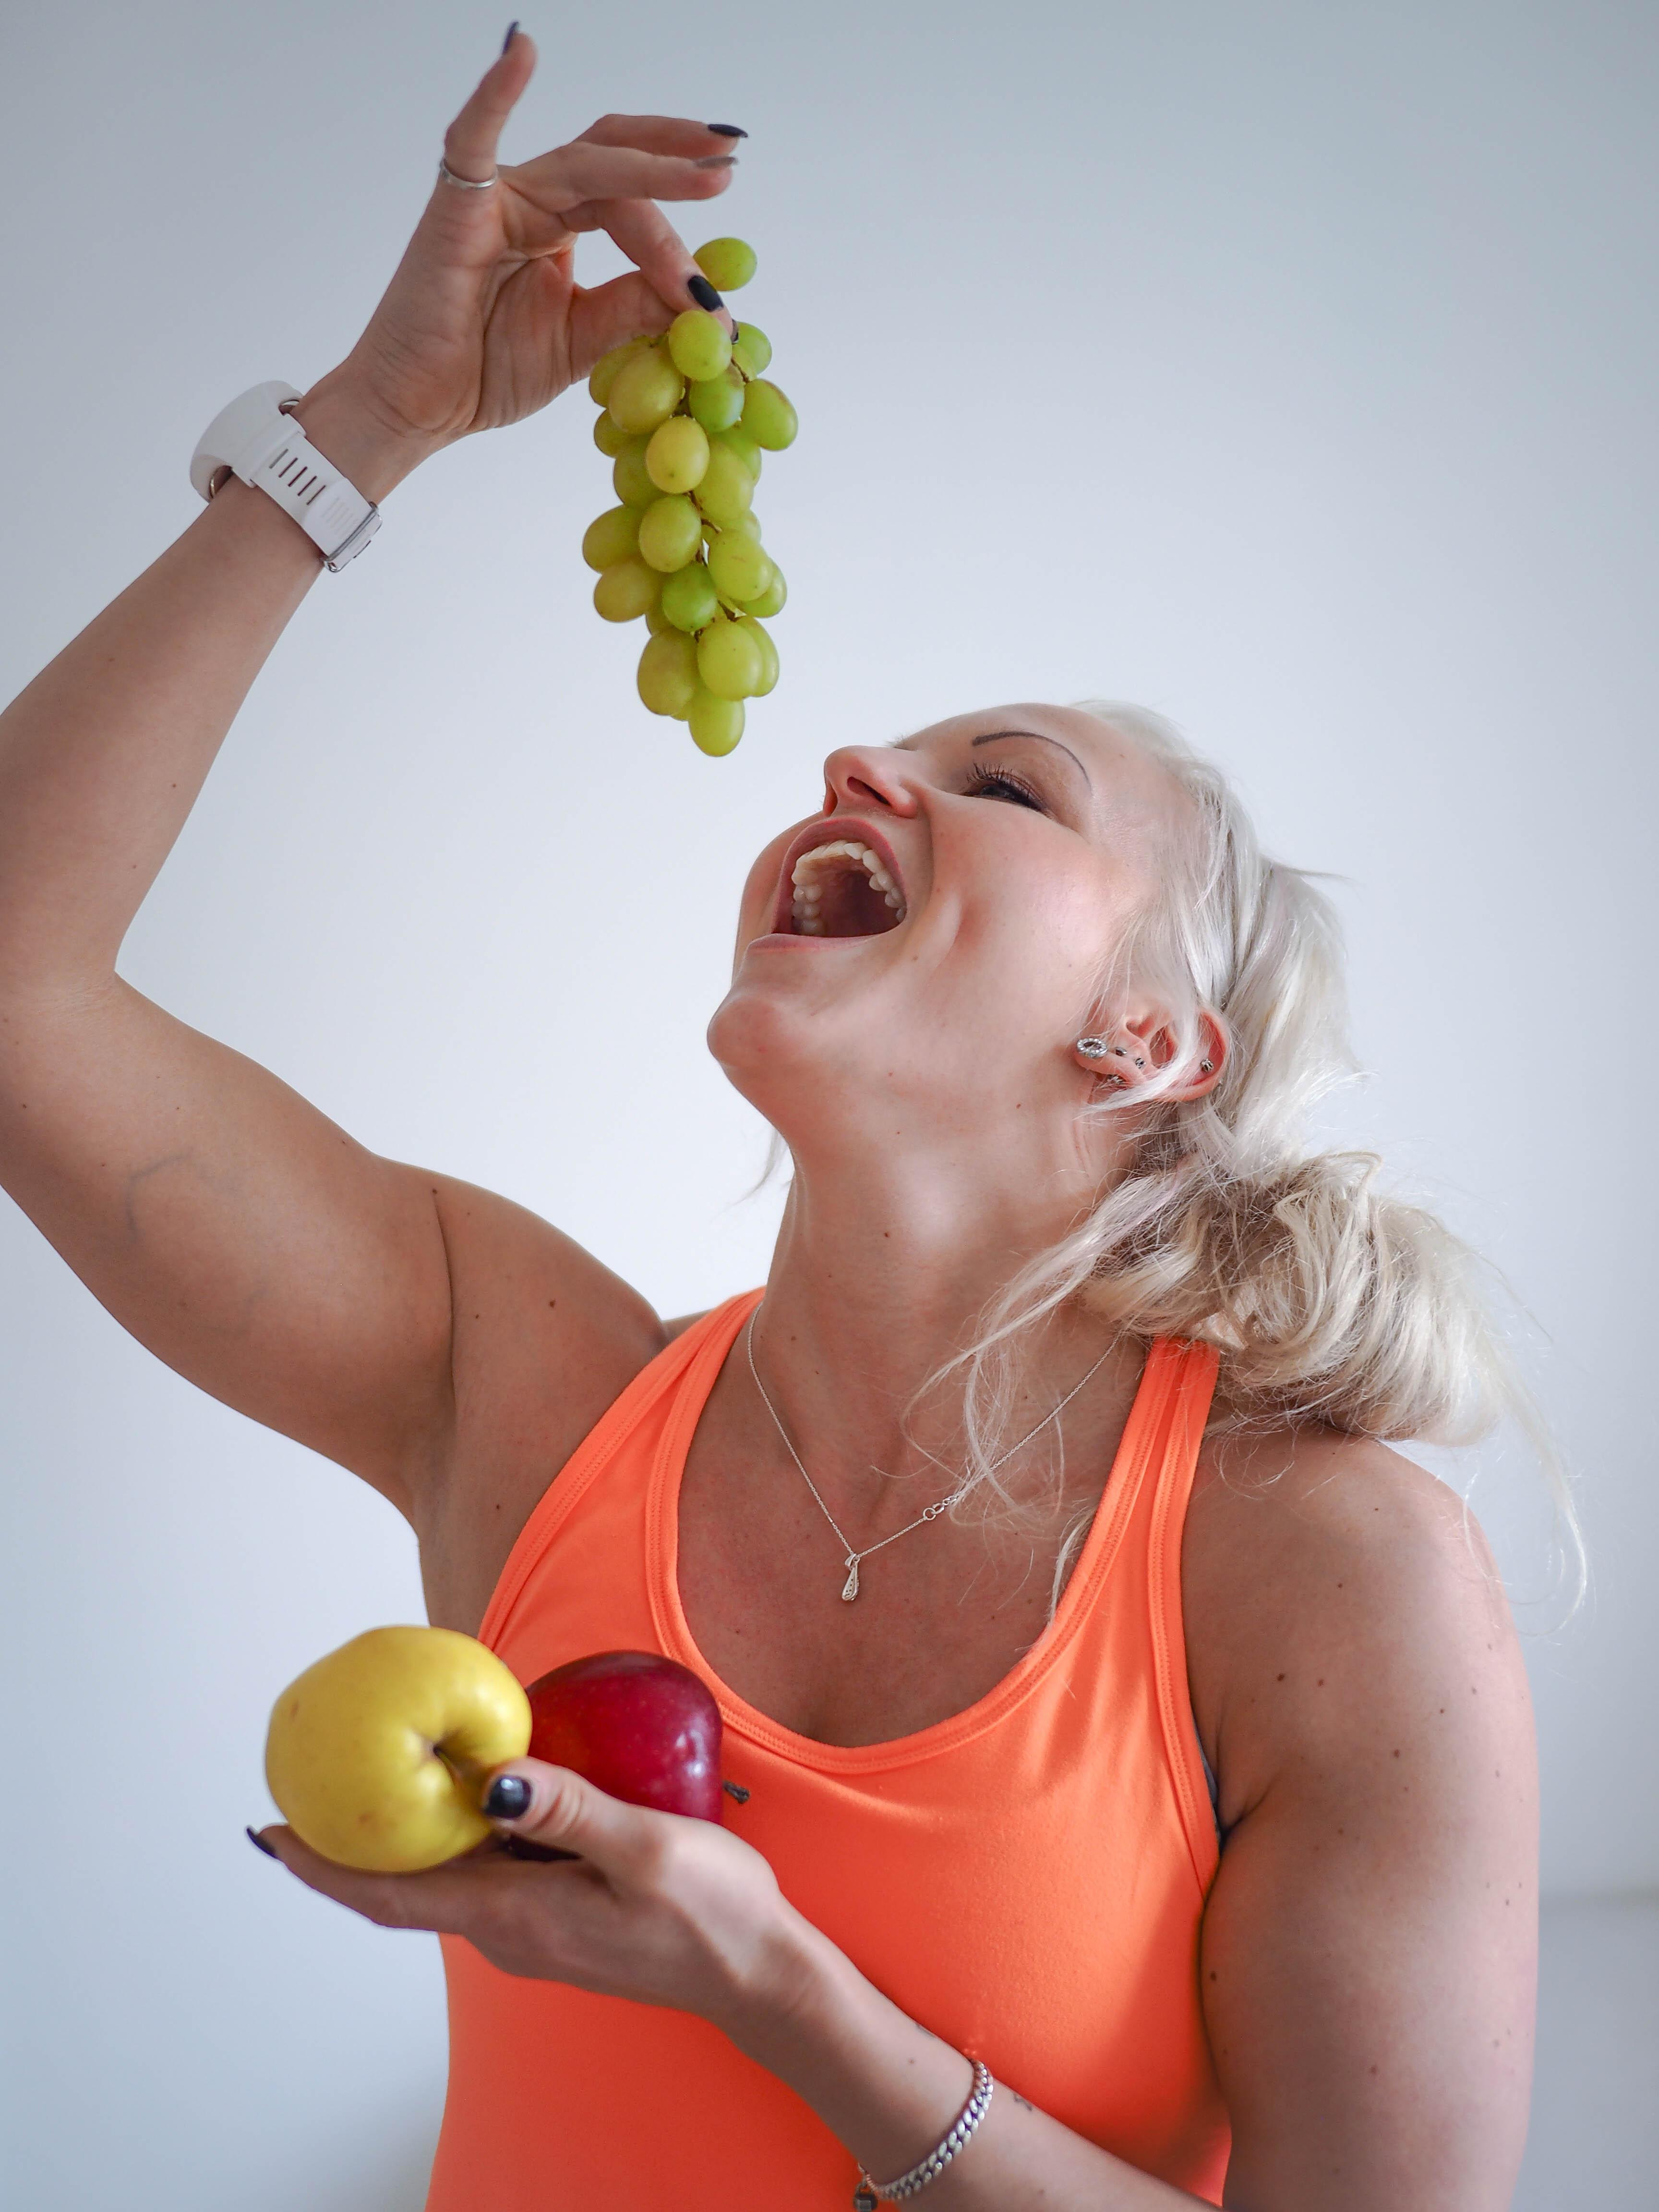 Miten liian nopea painonpudotus vaikuttaa kehoosi?